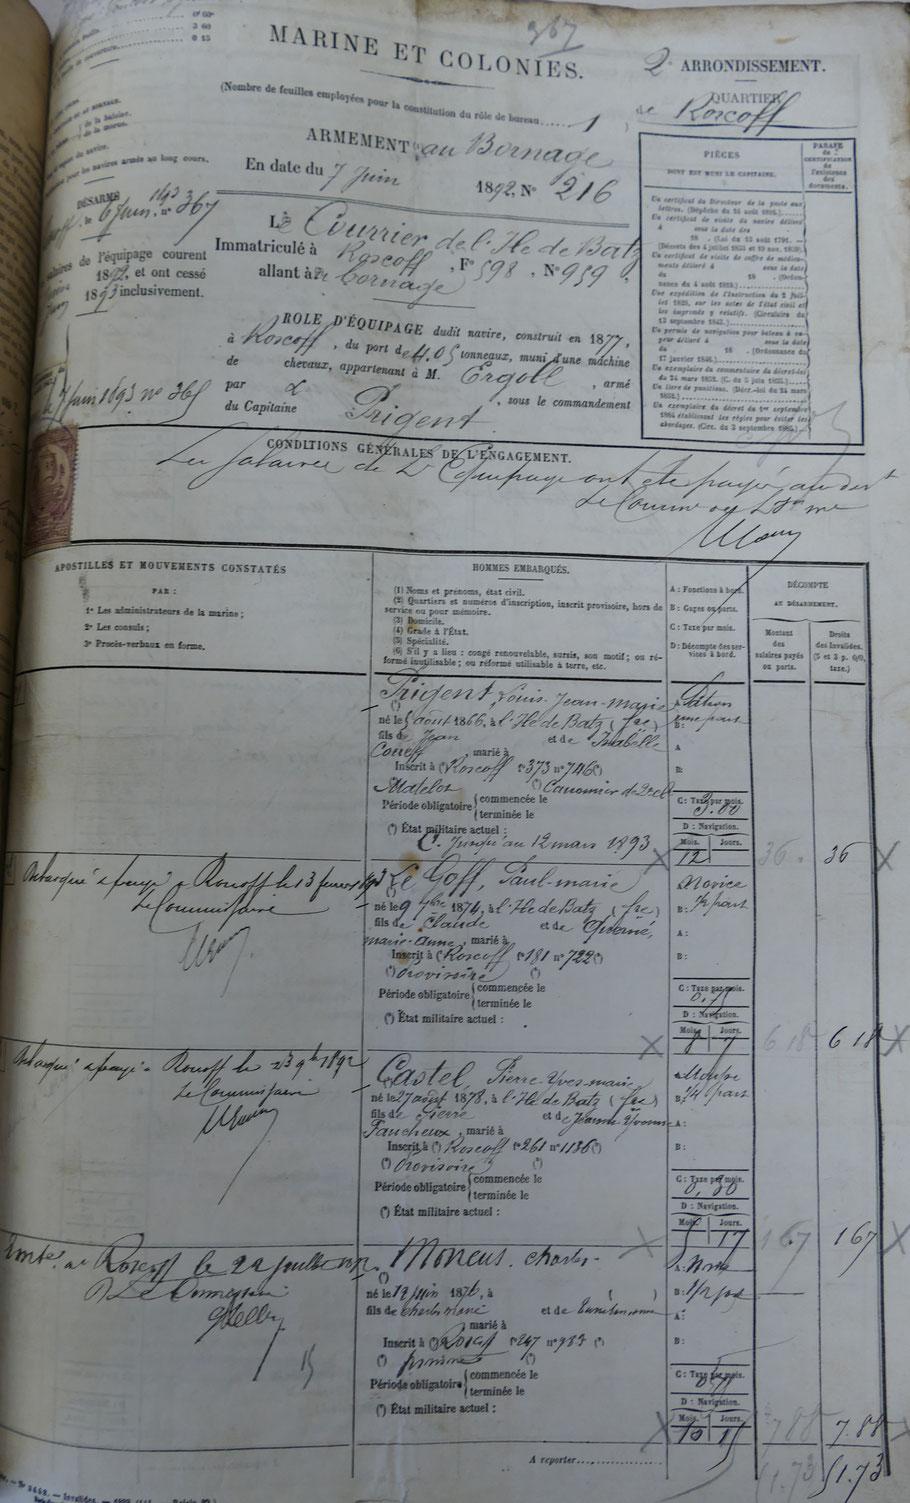 Première page du rôle d'équipage du Courrier de l'île de Batz pour l'année 1892-1893